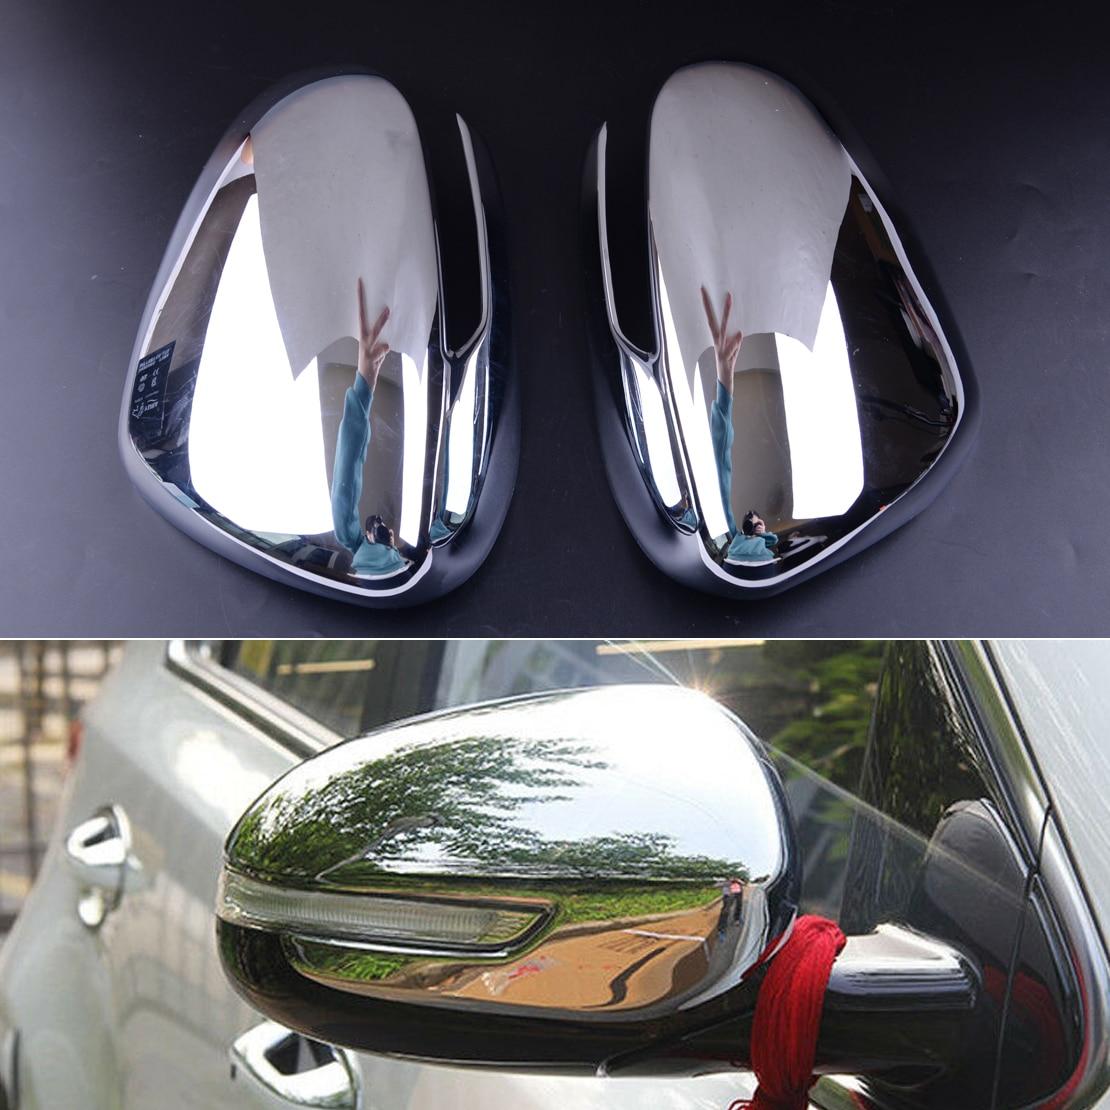 Plastique 2 pièces argent voiture porte côté aile rétroviseur couverture moulure de garnissage pour Kia Sportage QL 2017 2018 2019 2020